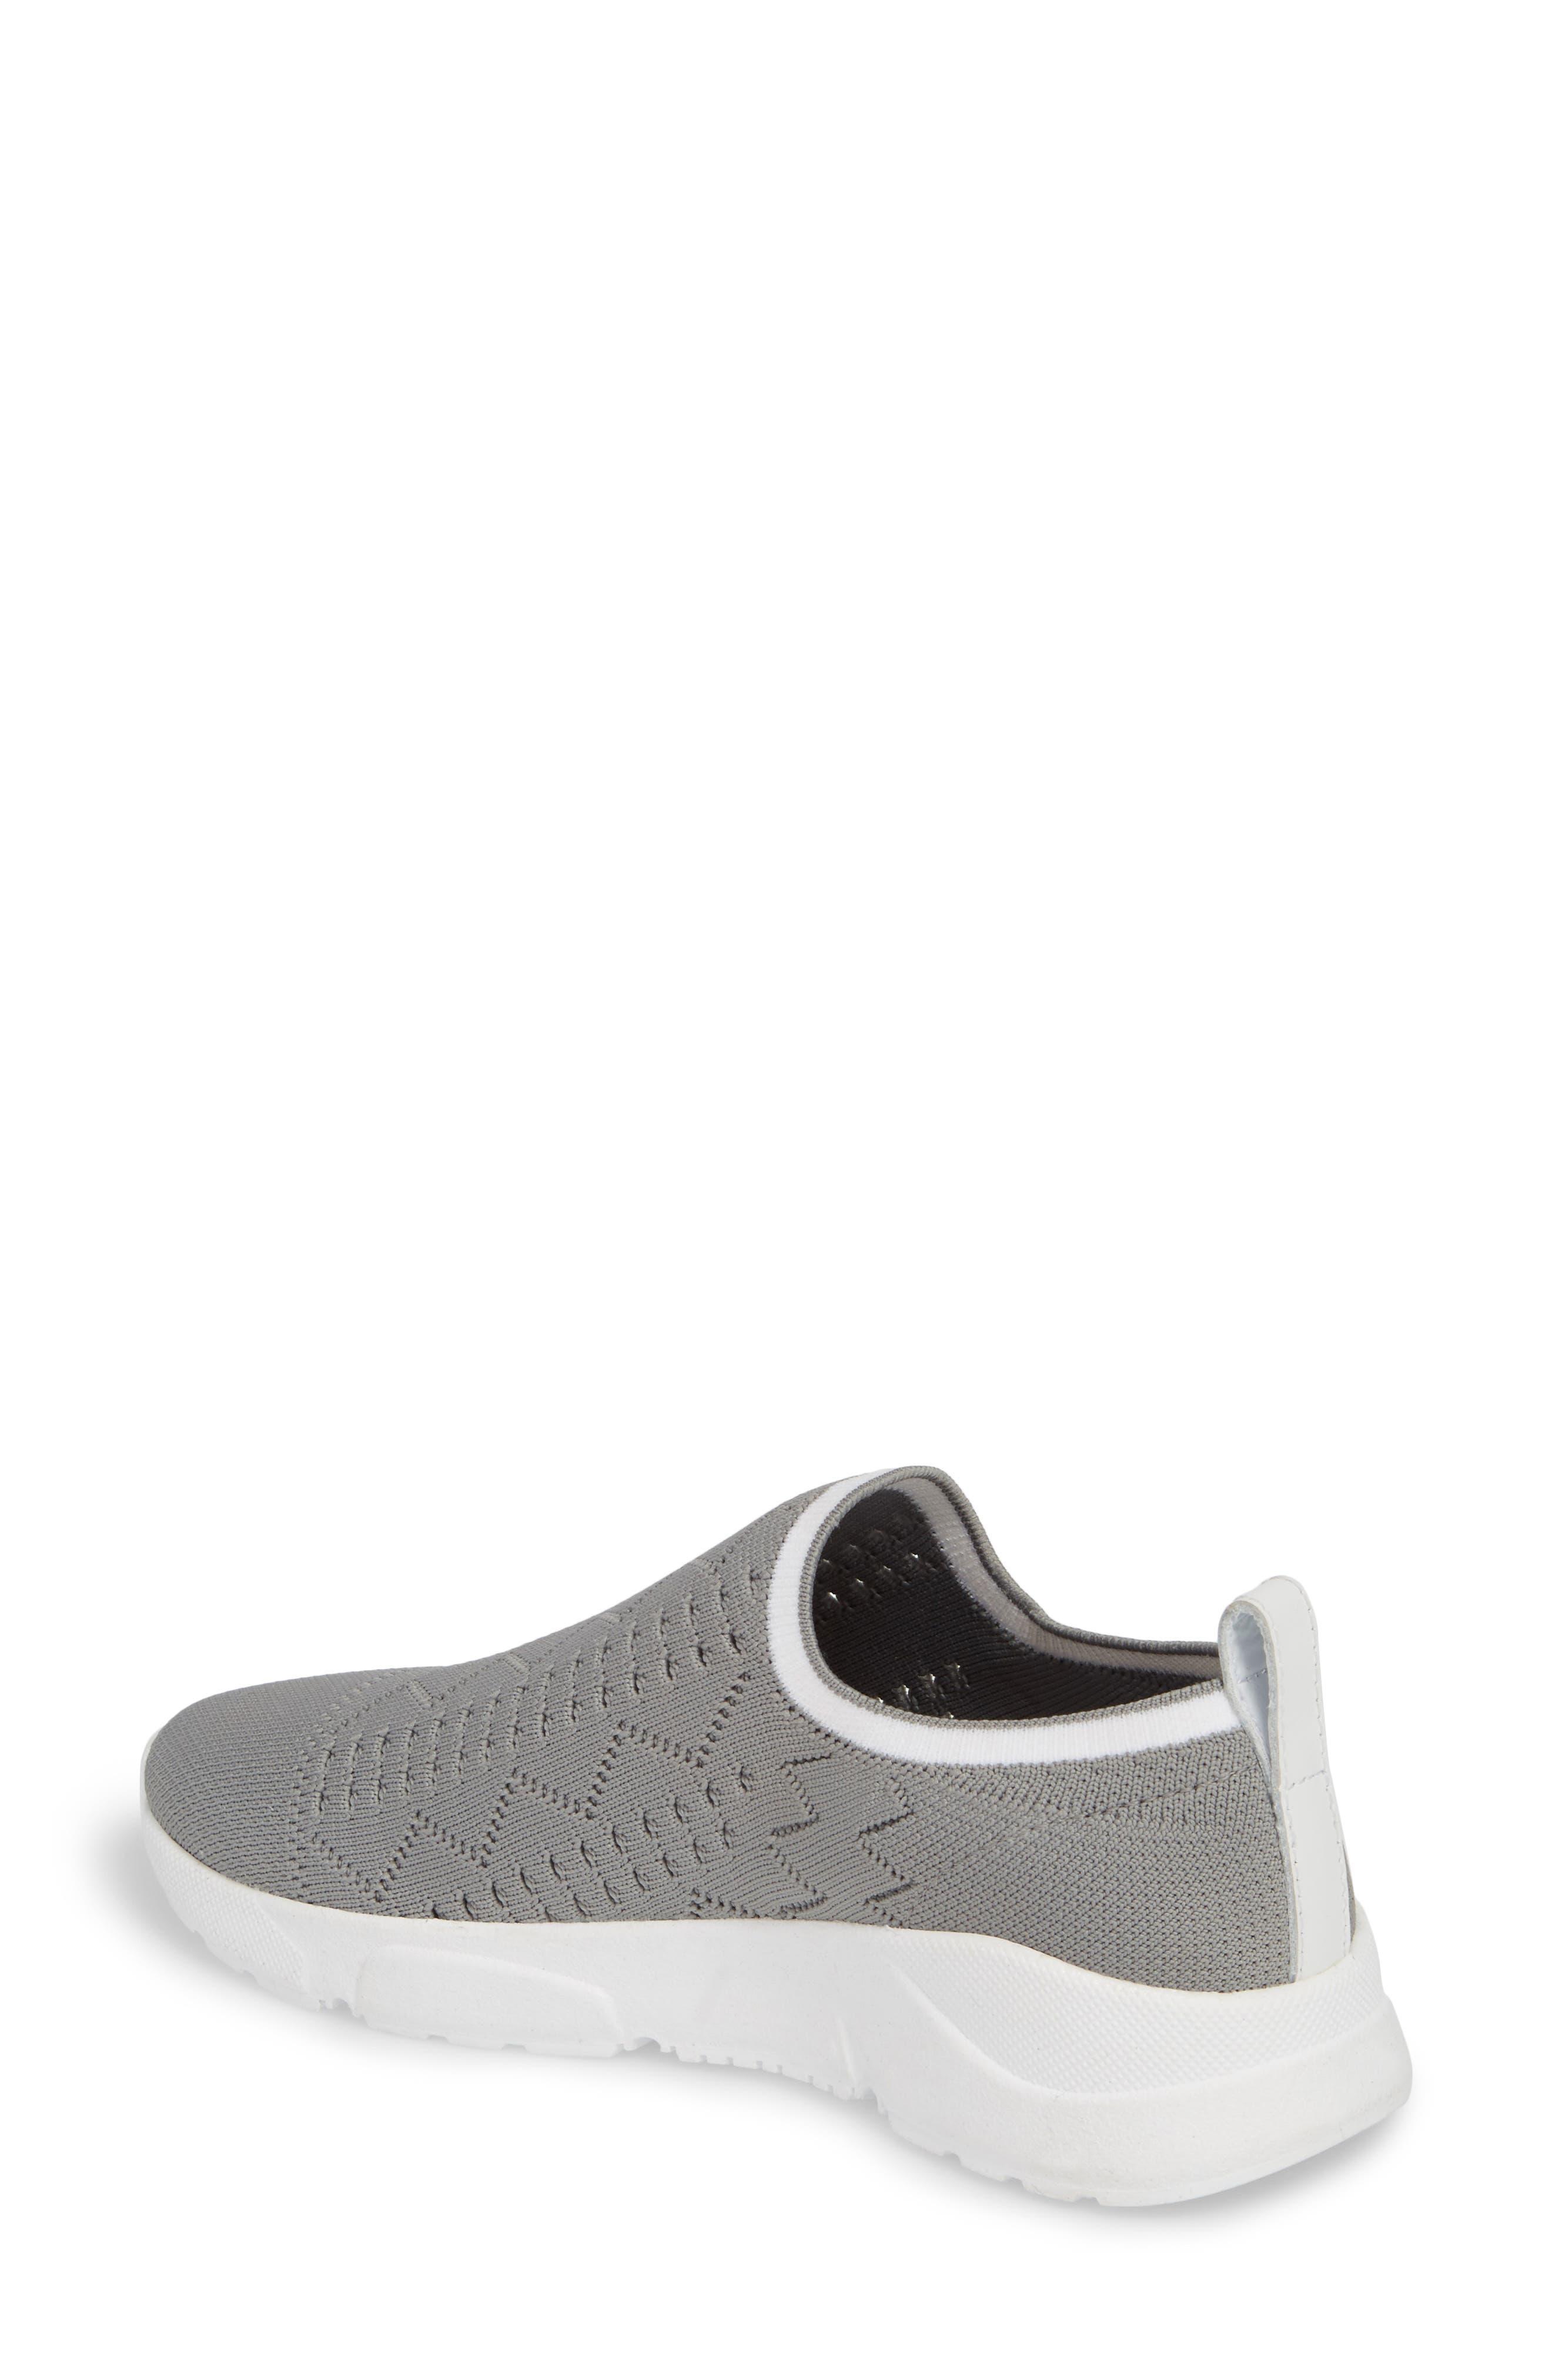 Alternate Image 2  - Marc Fisher LTD Karrie Slip-On Sneaker (Women)